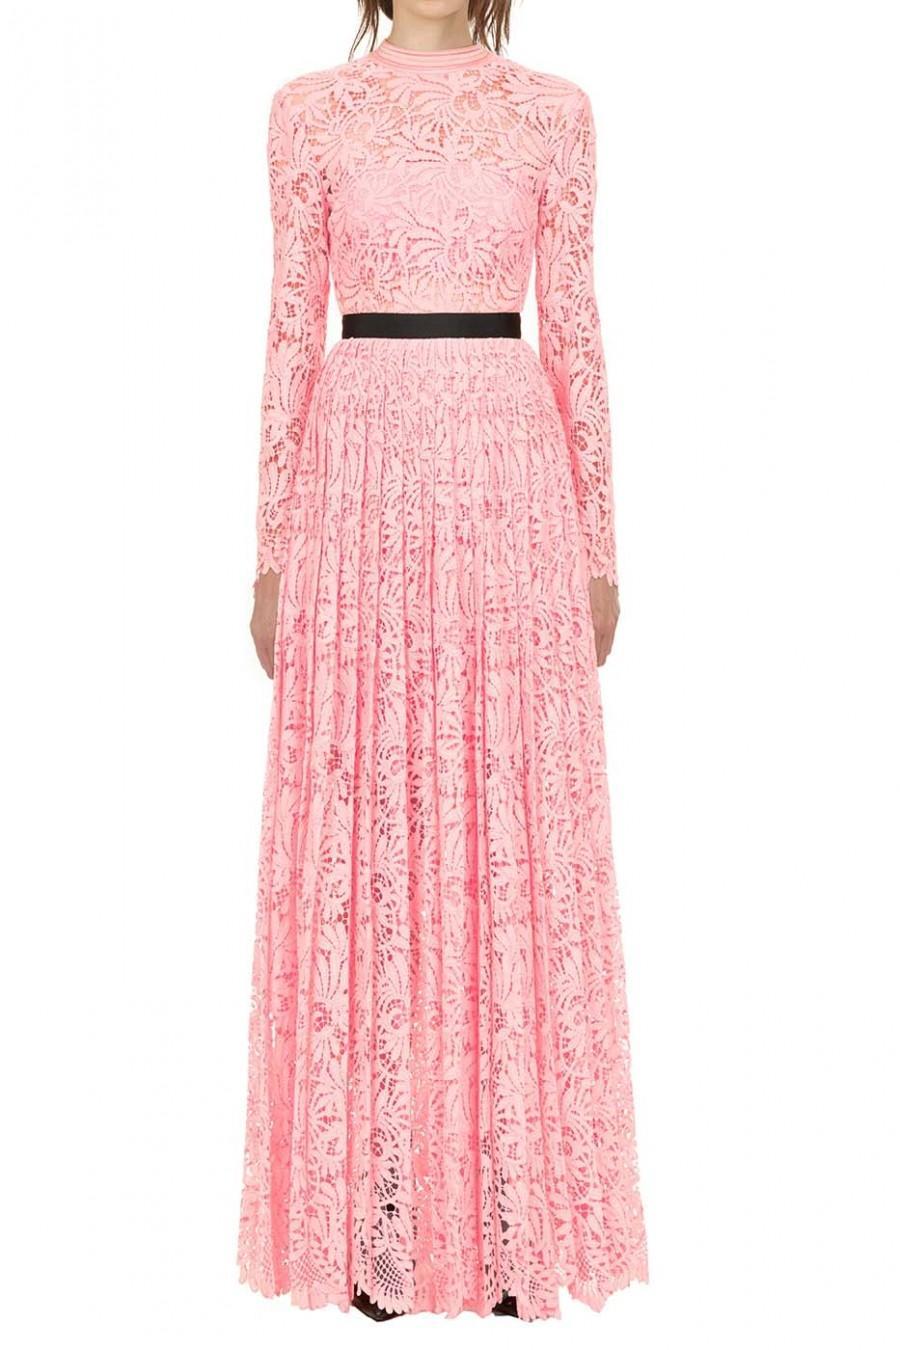 Hochzeit - Self Portrait Floral Lace Maxi Dress